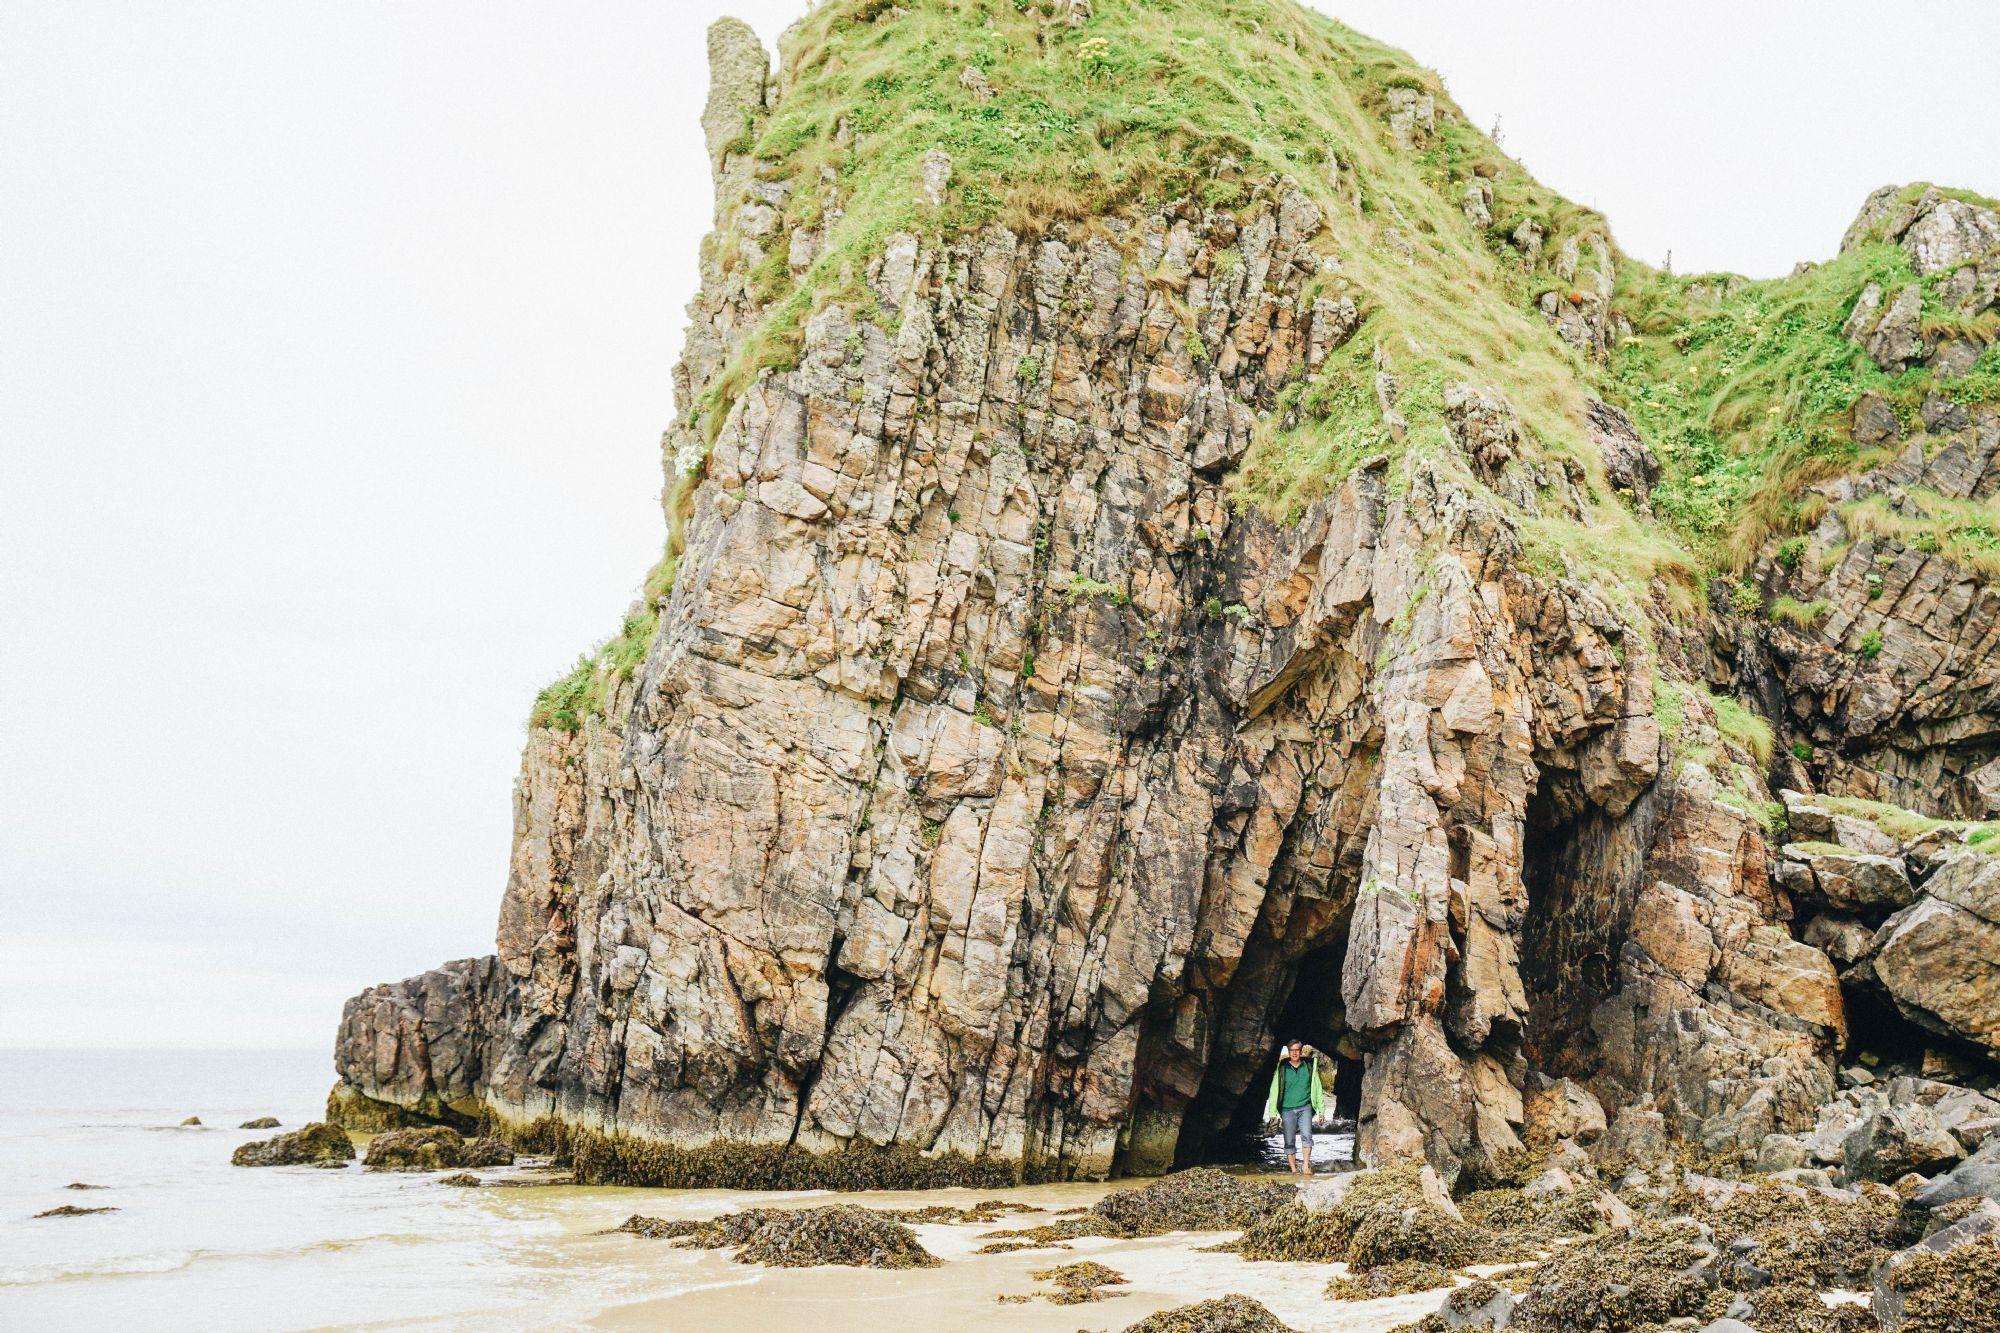 Sea stacks and caves at Tolsta